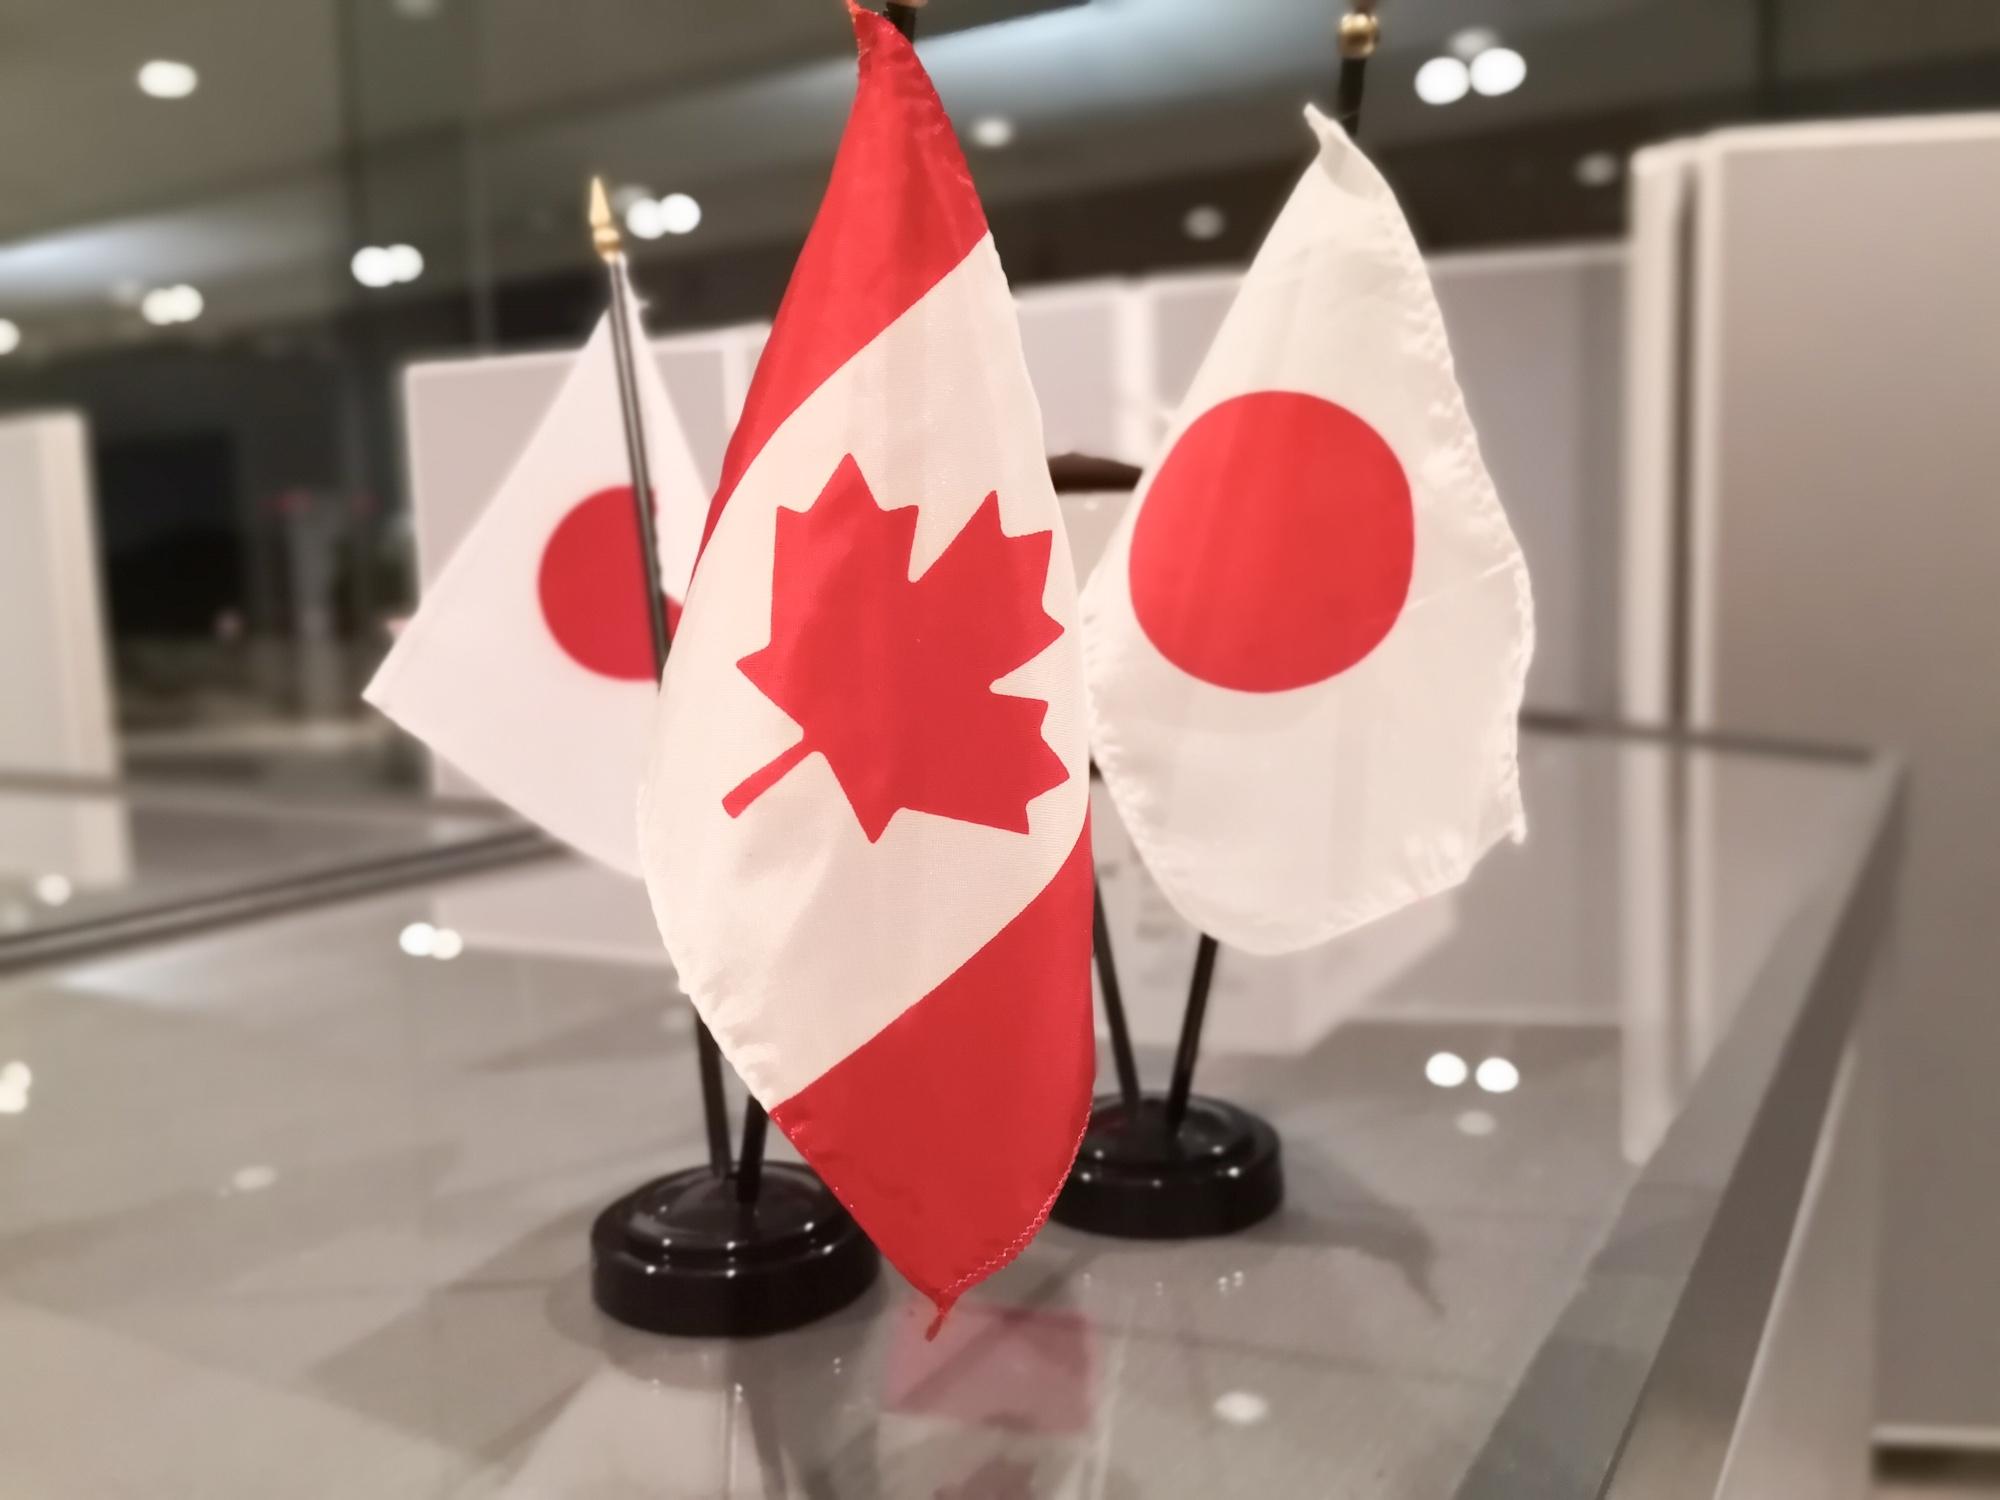 日加修好90周年 日本カナダ90周年イベント